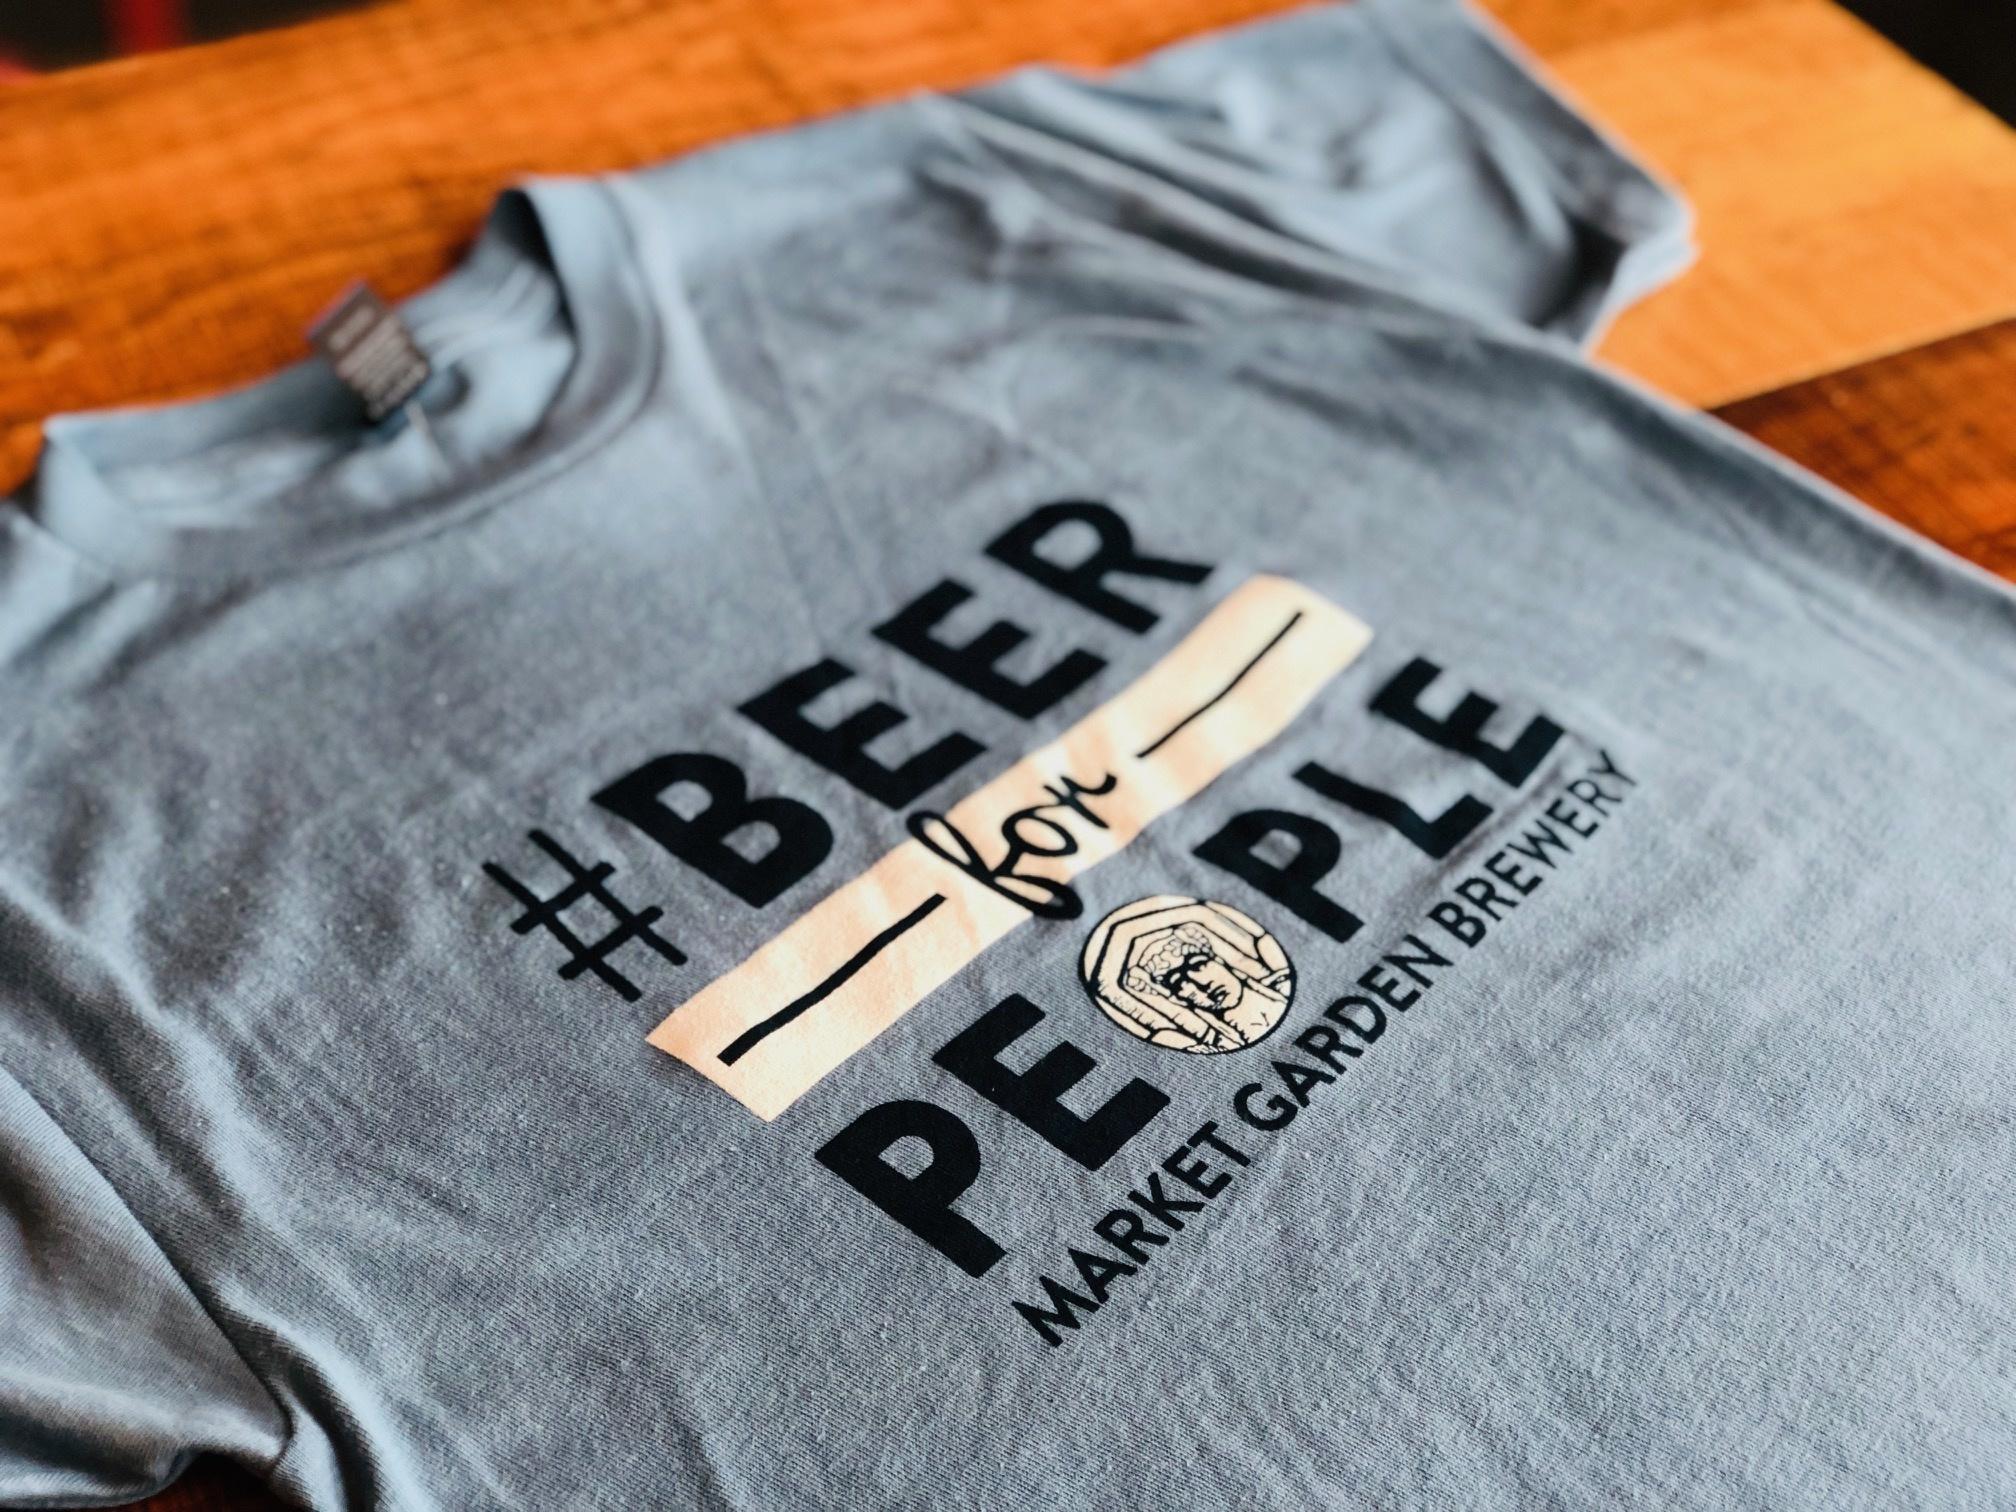 #BeerForPeople T-Shirt